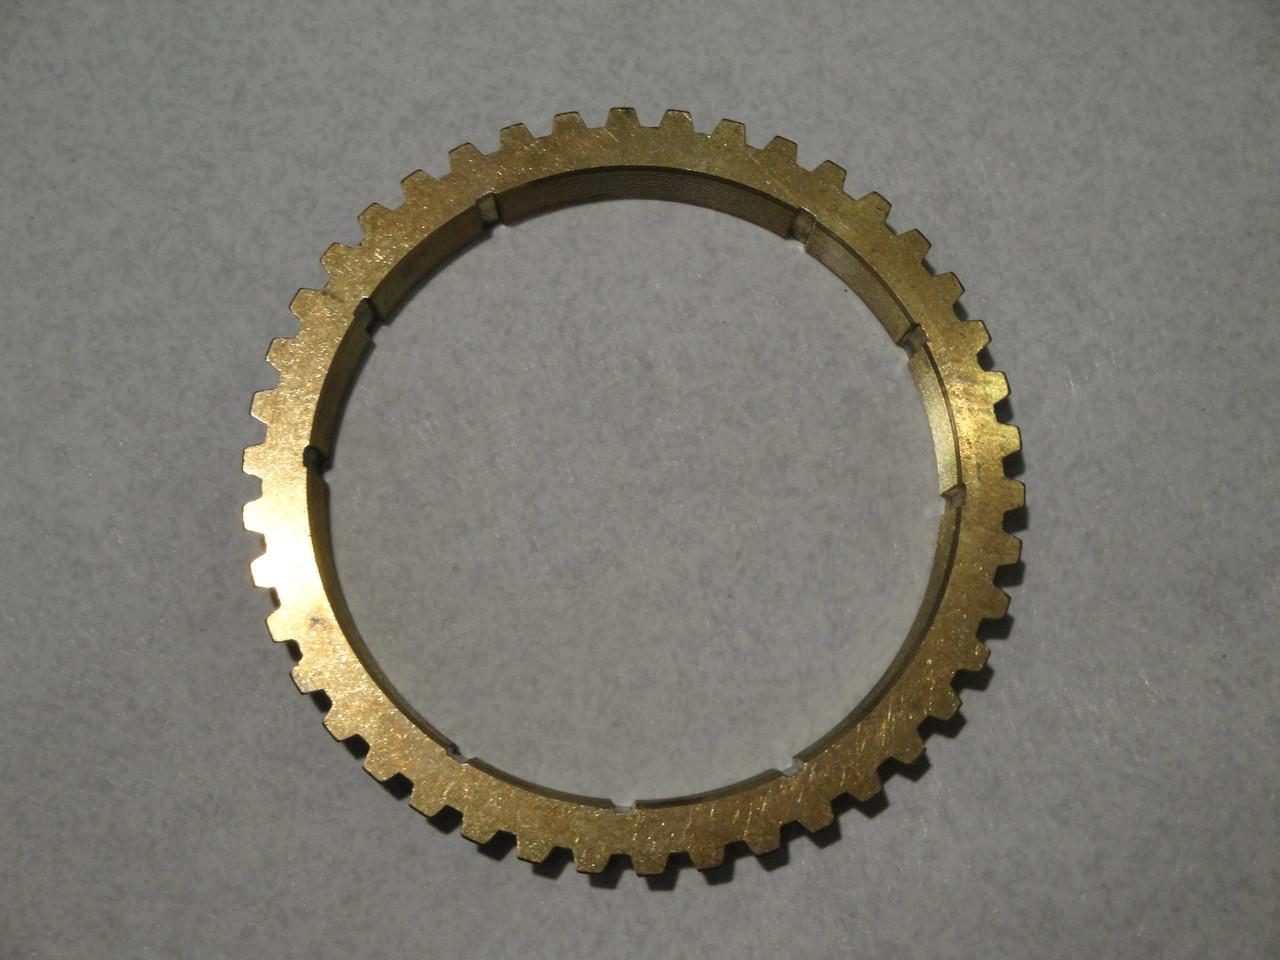 Кольцо синхронизатора БОГДАН A091 2-3 передачи МХА5R (8970746192/8970746193/8981904280) JAPACO